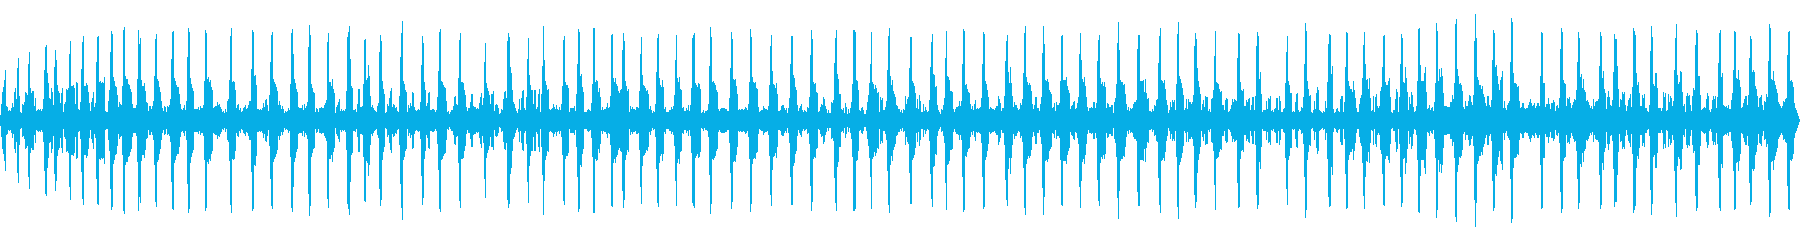 コオロギなど【秋、深夜、道端の山際】の再生済みの波形